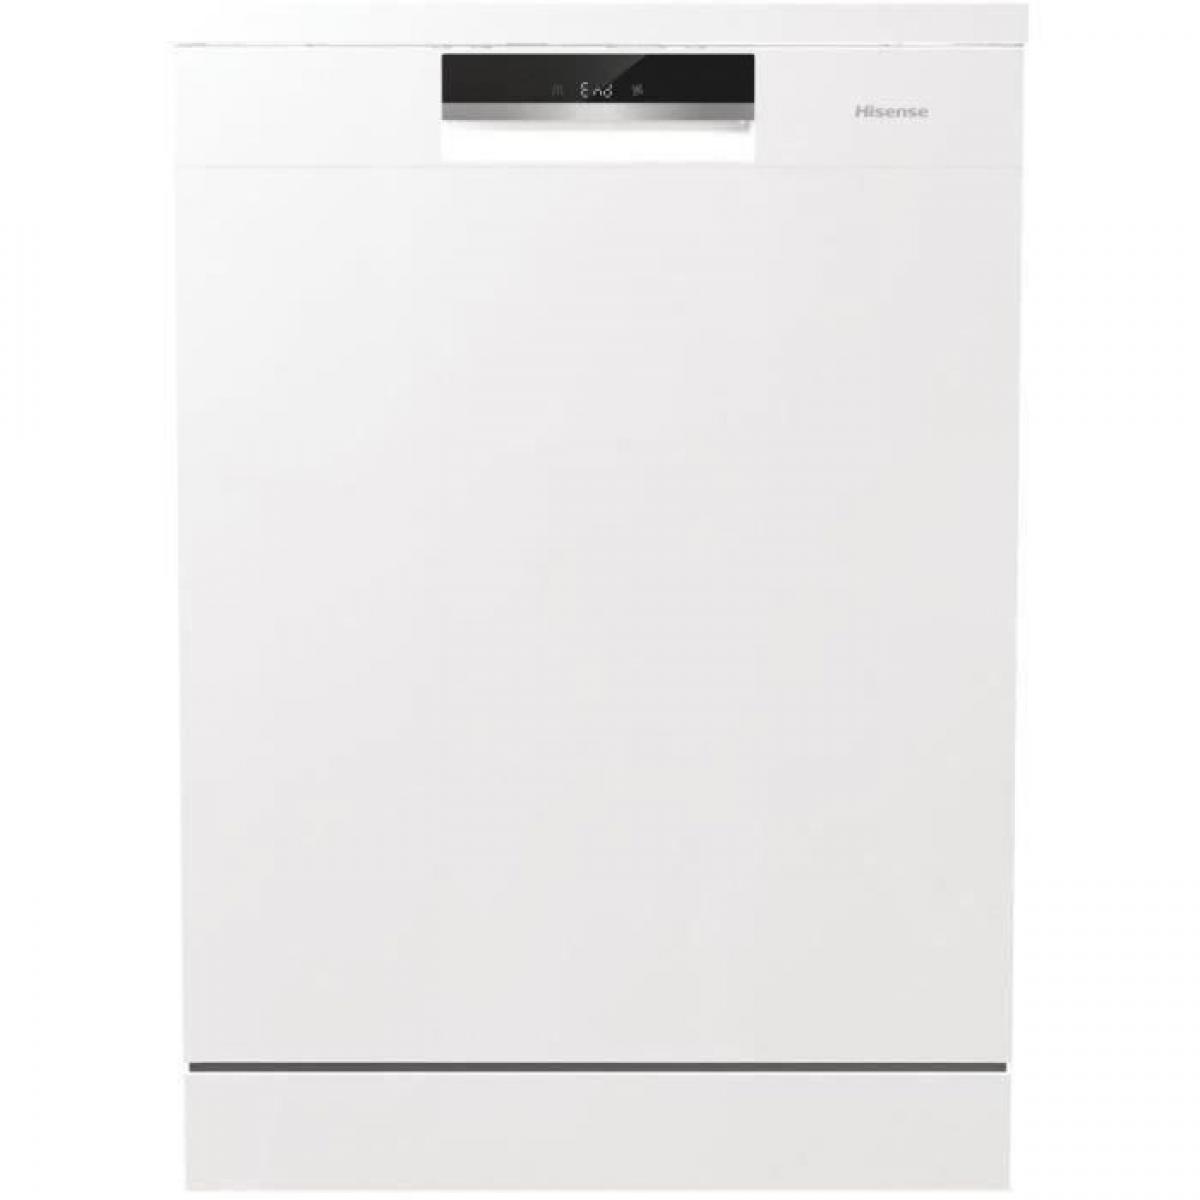 Hisense Lave vaisselle pose libre HISENSE HS661C60W - 16 couverts - Moteur induction - Largeur 60cm - 44dB - Blanc